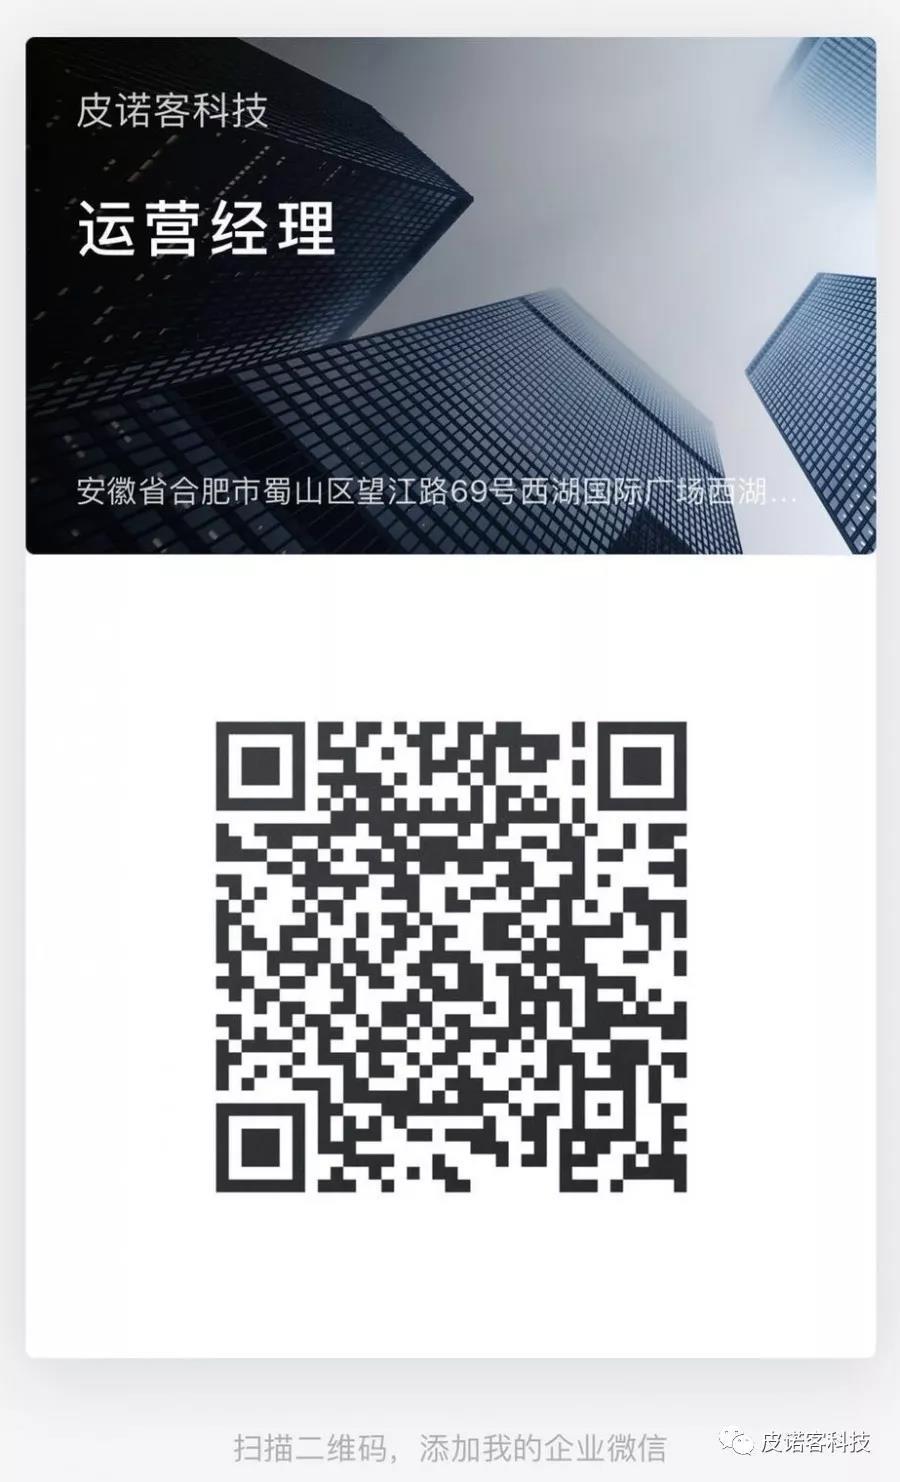 微信图片_20200323160158.jpg